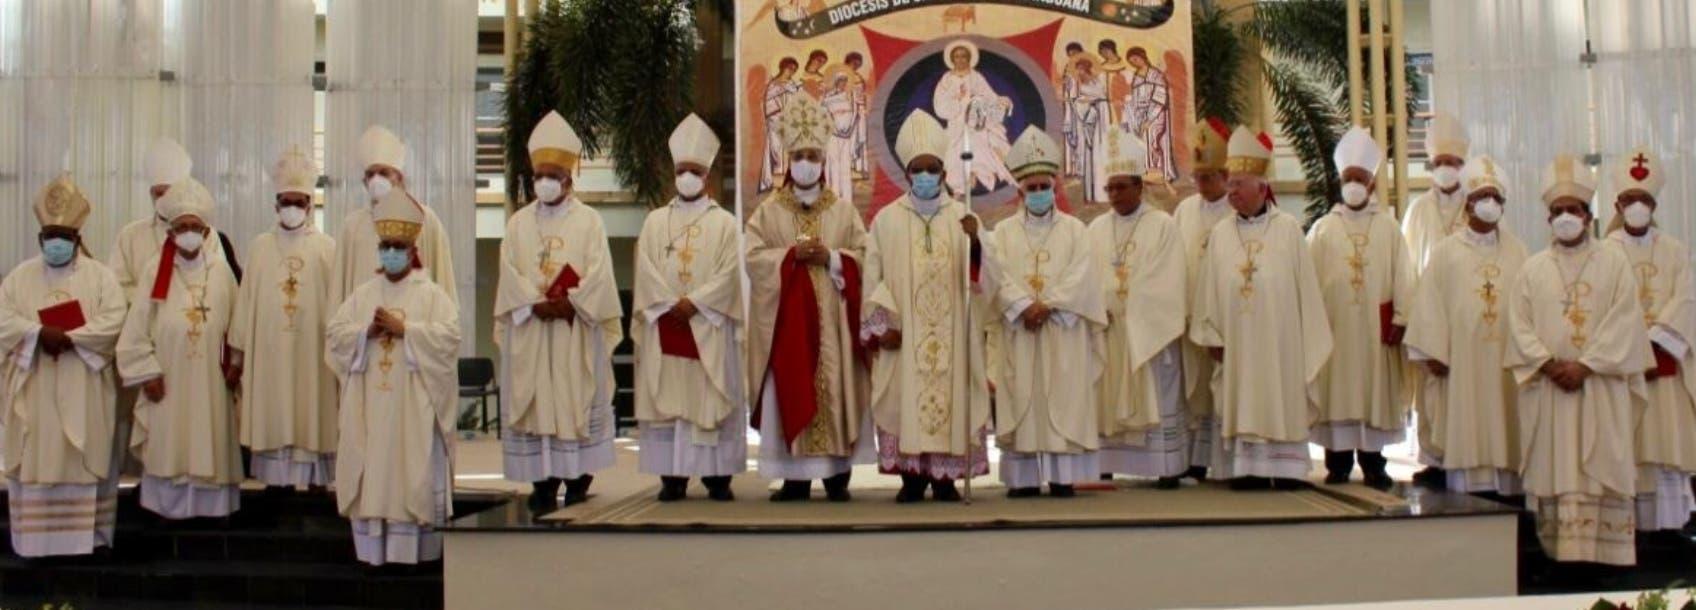 Episcopado llama a luchar para combatir el mal a fuerza de bien